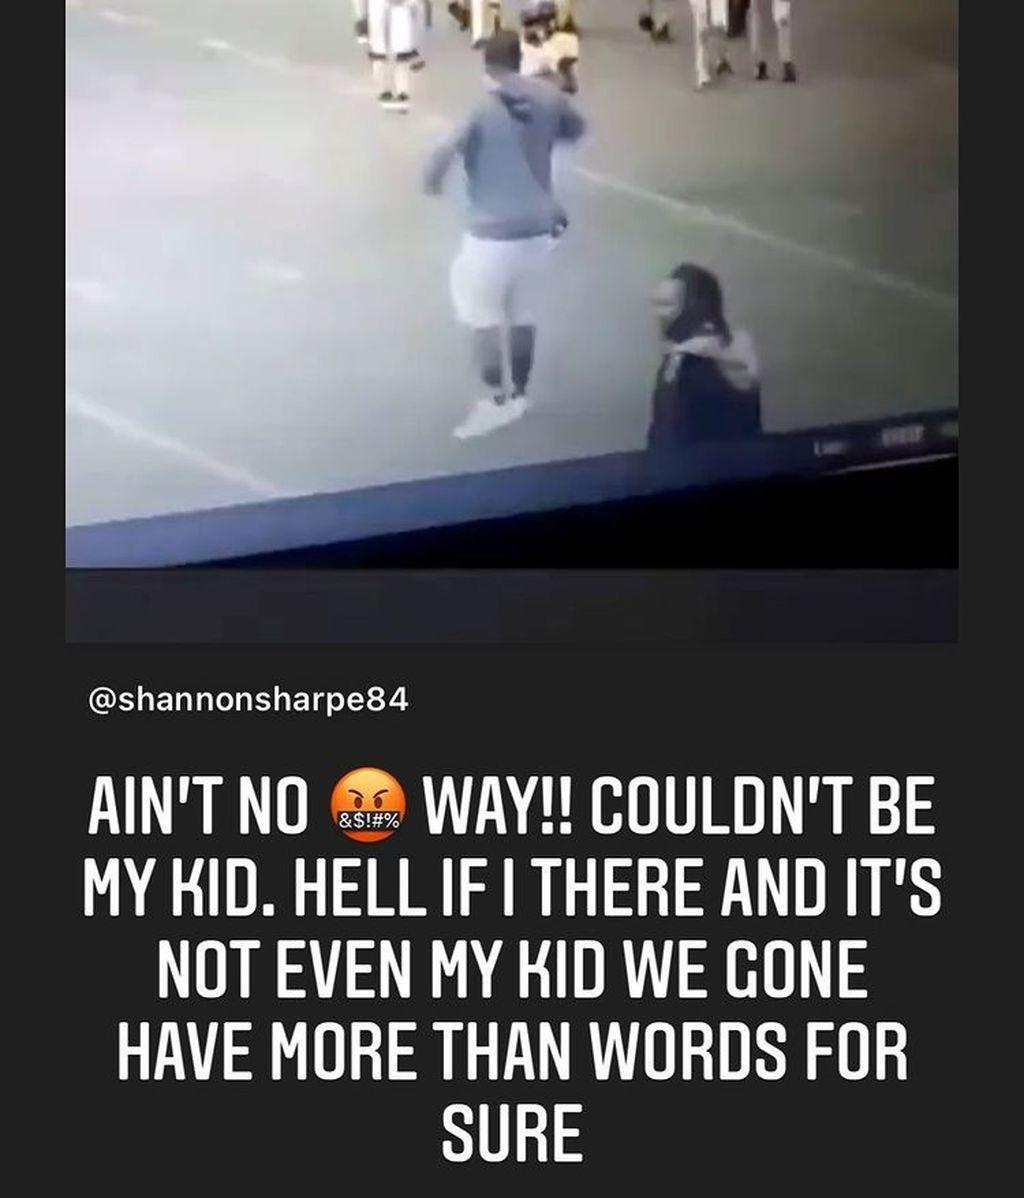 La publicación de LeBron James en Instagram